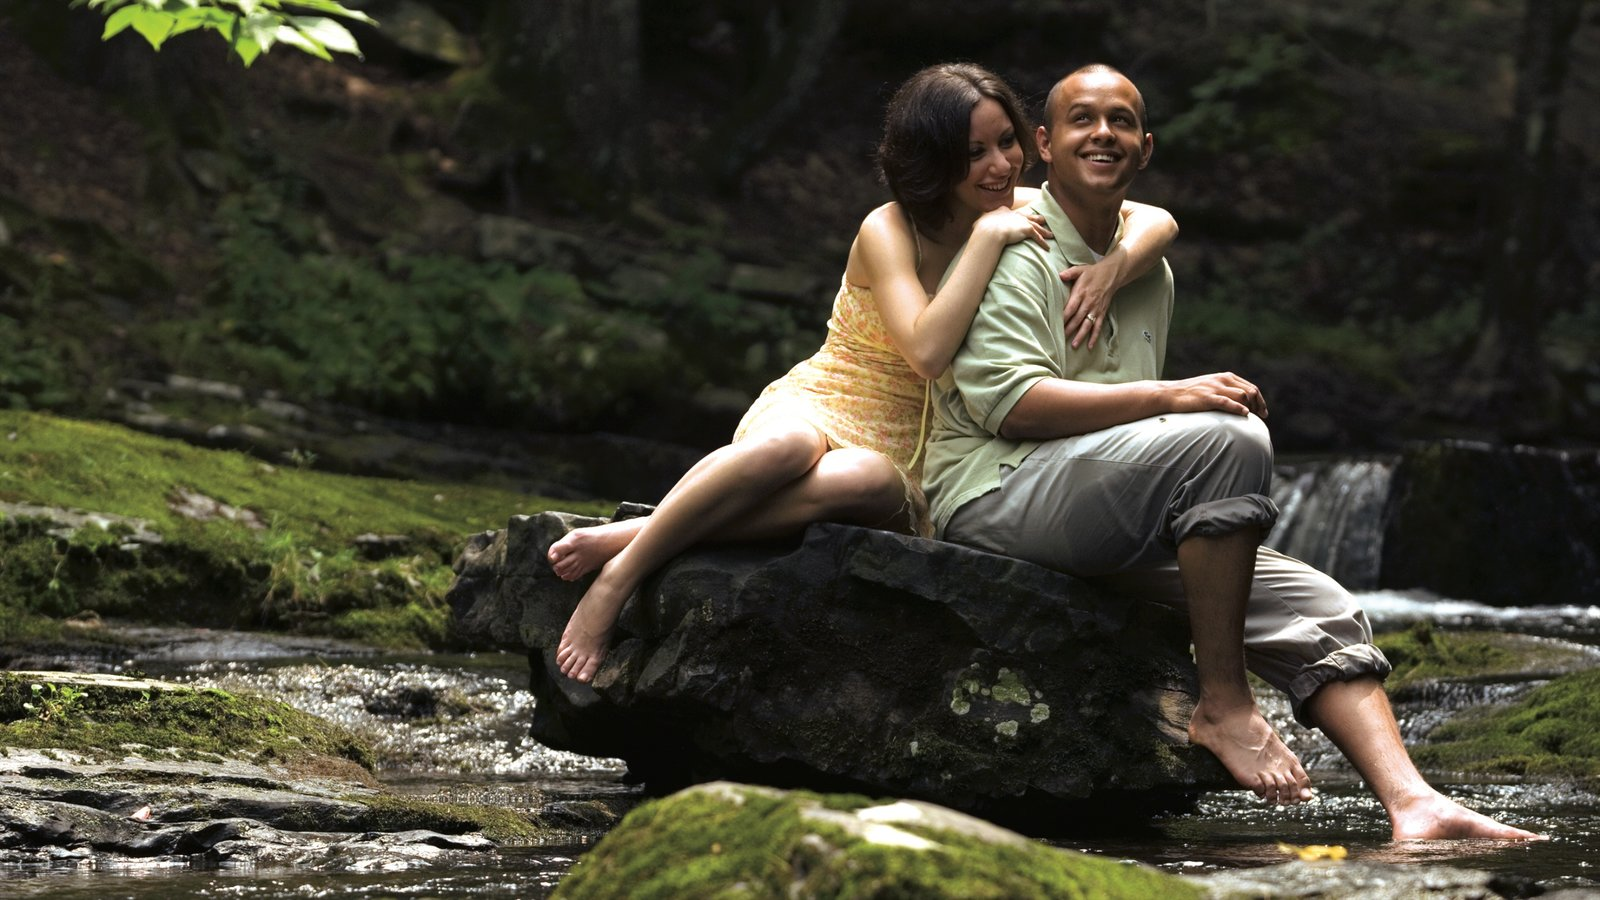 Poconos que inclui um rio ou córrego assim como um casal